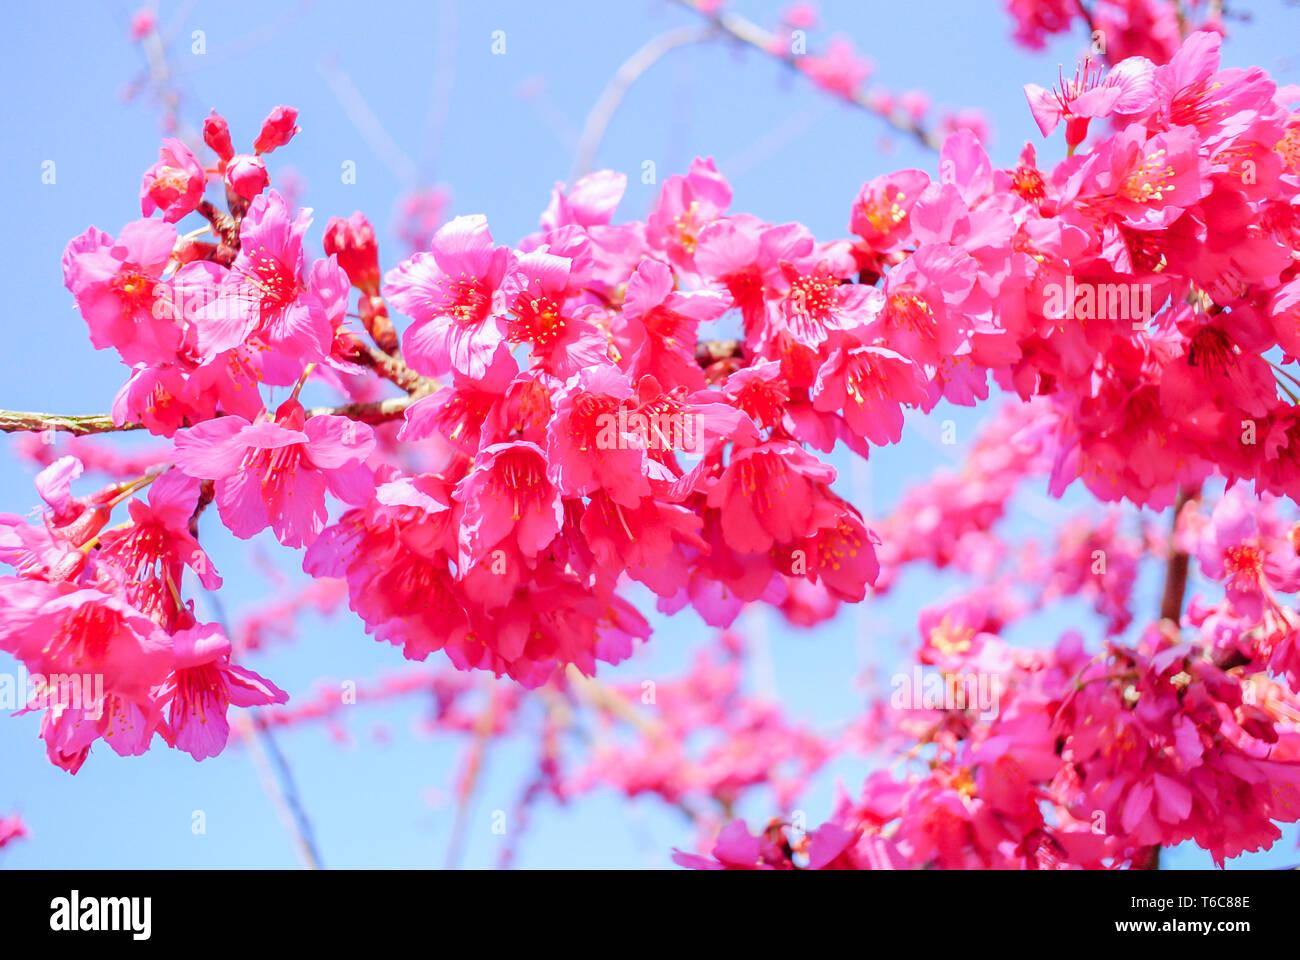 Temps de printemps avec de belles fleurs de cerisier, sakura rose des fleurs. Banque D'Images